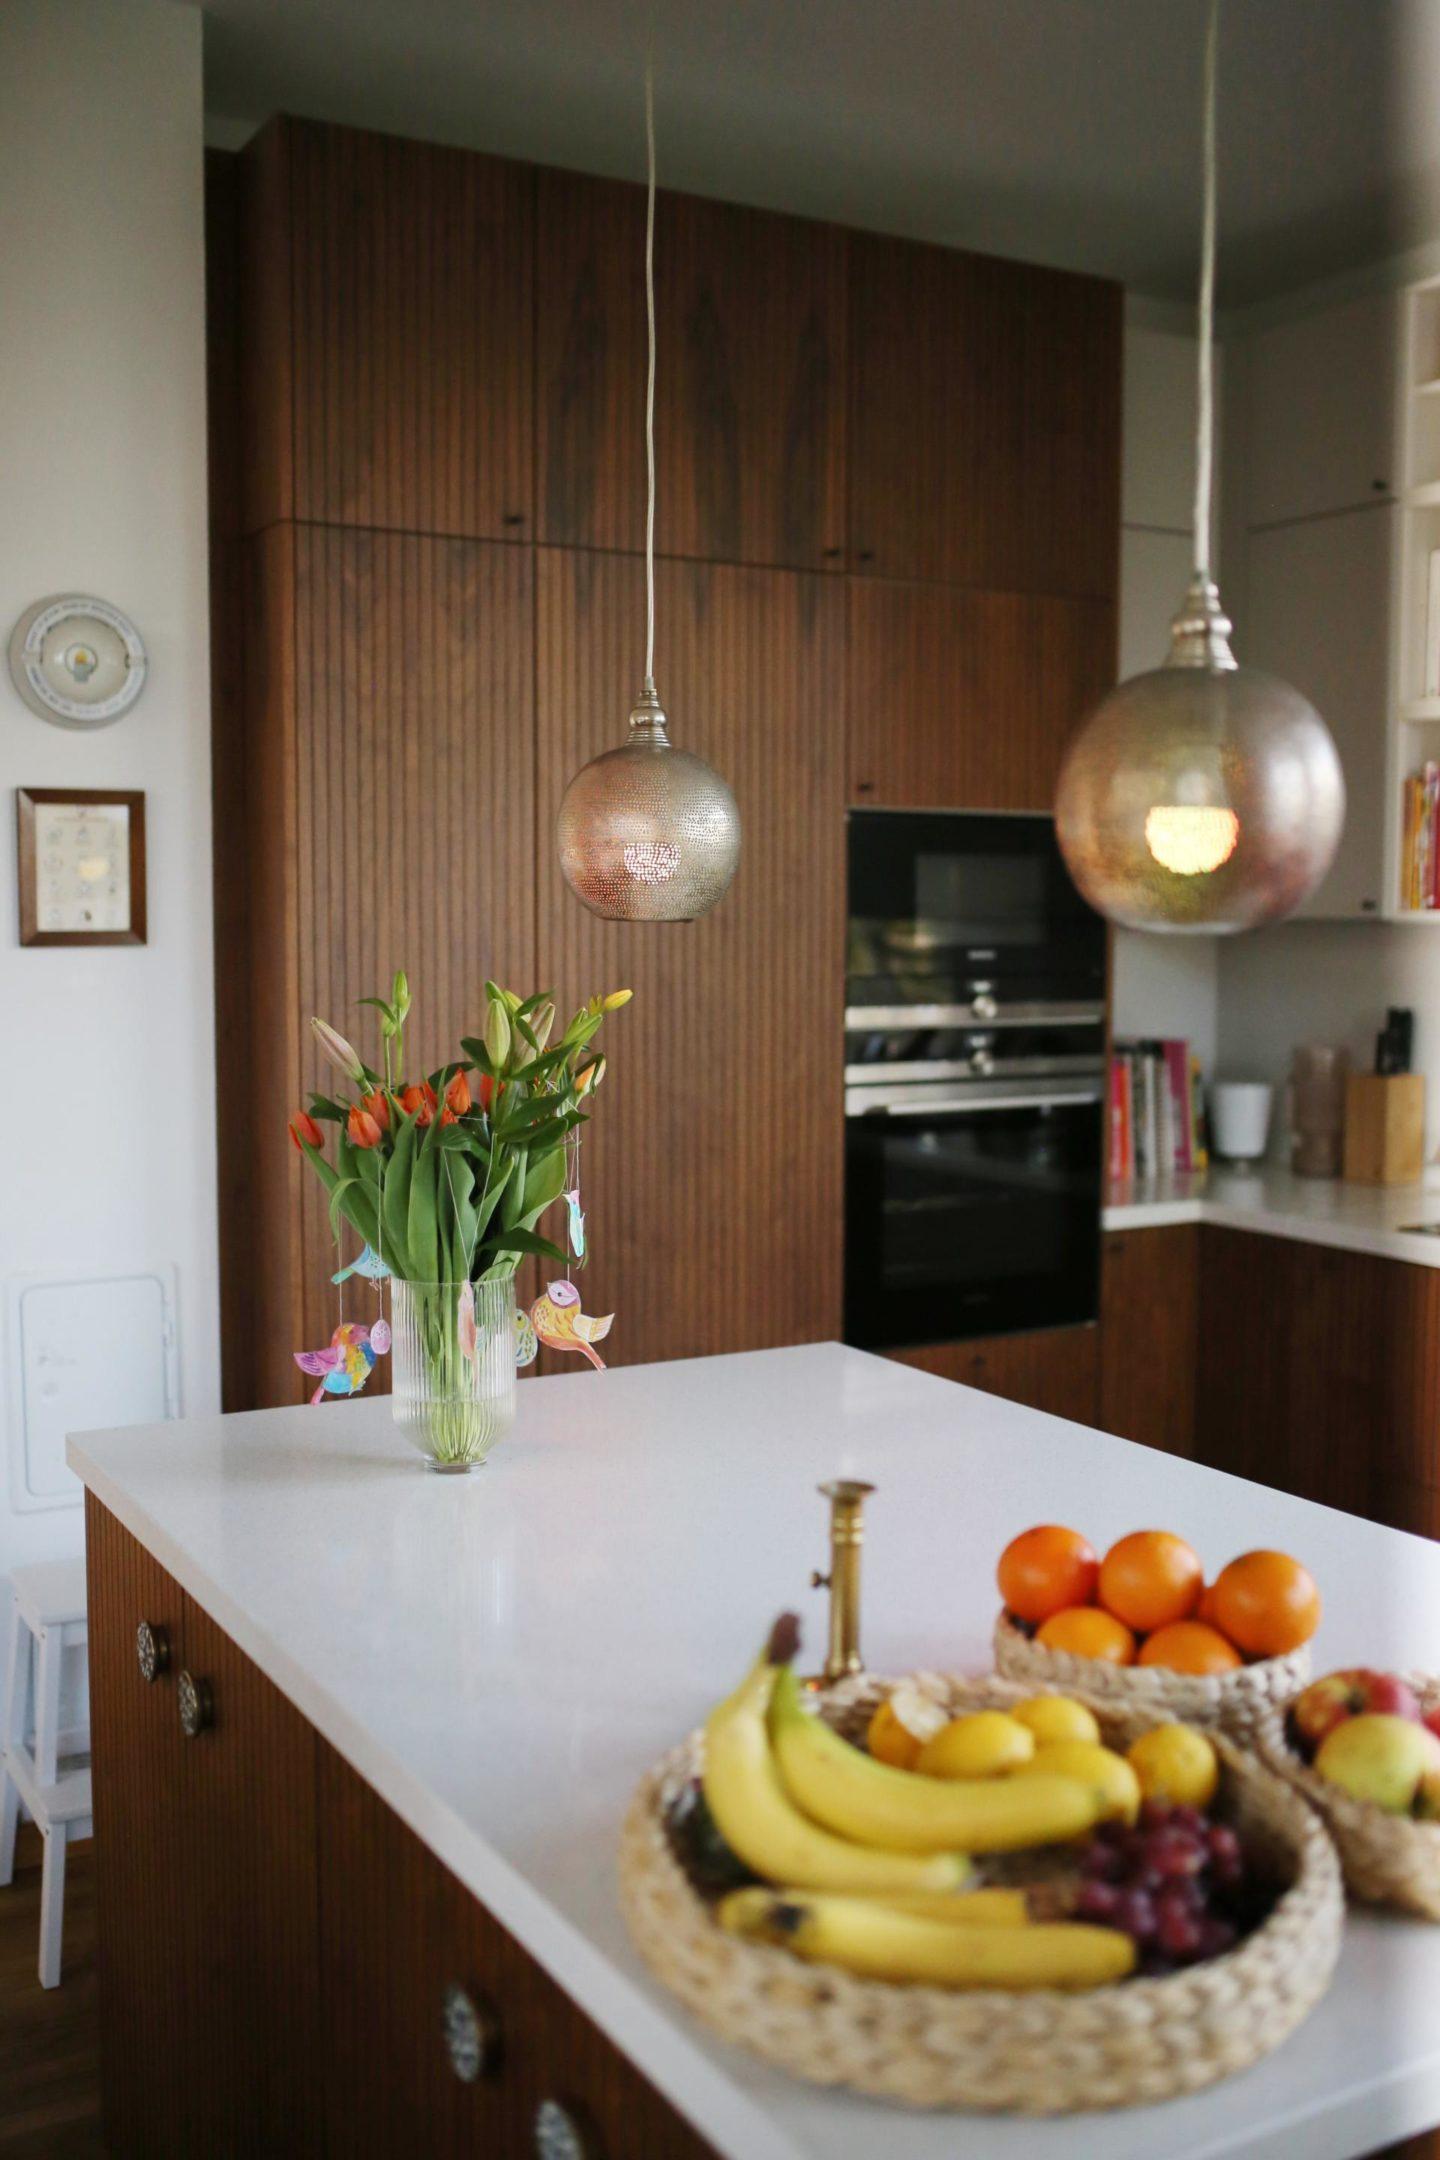 Mit WiZ ist bei uns ein drahtloses LED-Beleuchtungssystem in unsere Küche eingezogen, das mit Hilfe von WLAN und der WiZ App verbunden und über Smartphone, Tablet oder der WiZMote Fernbedienung gesteuert wird. Jeder Raum kann einzeln angepasst werden, um zu bestimmen, welche Lampe wann und in welchem Modus leuchten soll.